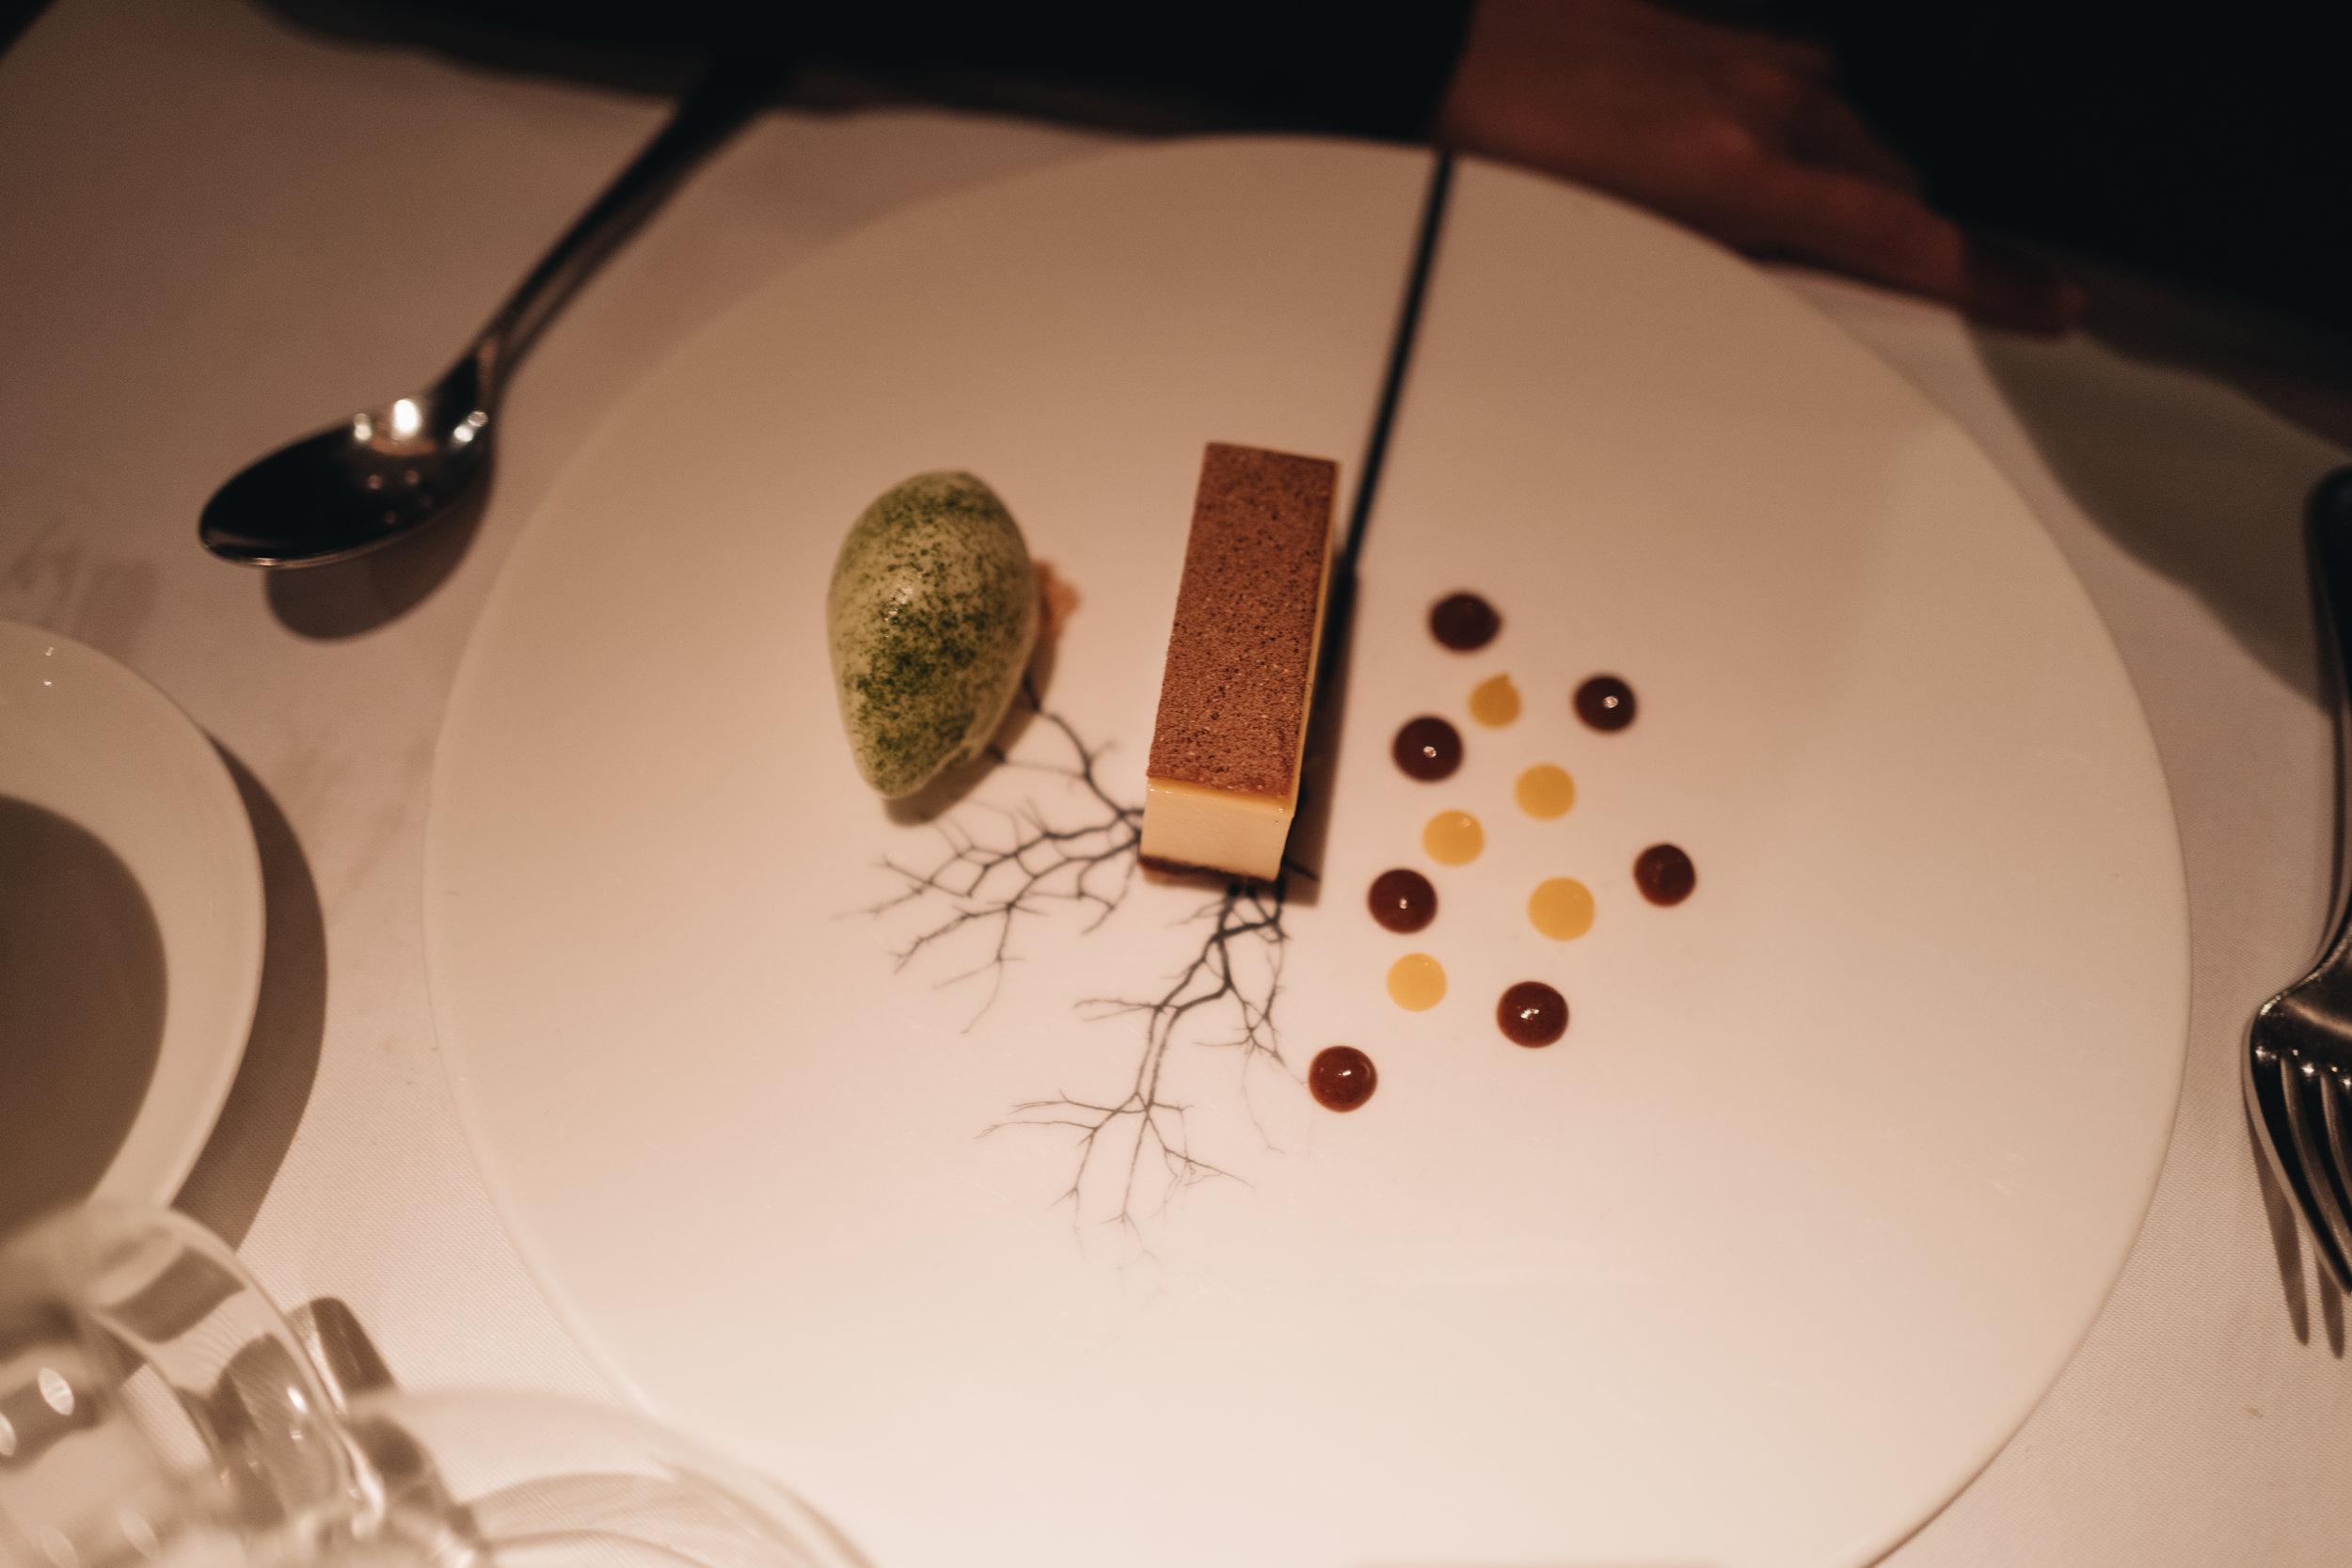 Vegetarian Dessert, ice cream & cheesecake. (蛋奶素)雪糕配芝士蛋糕